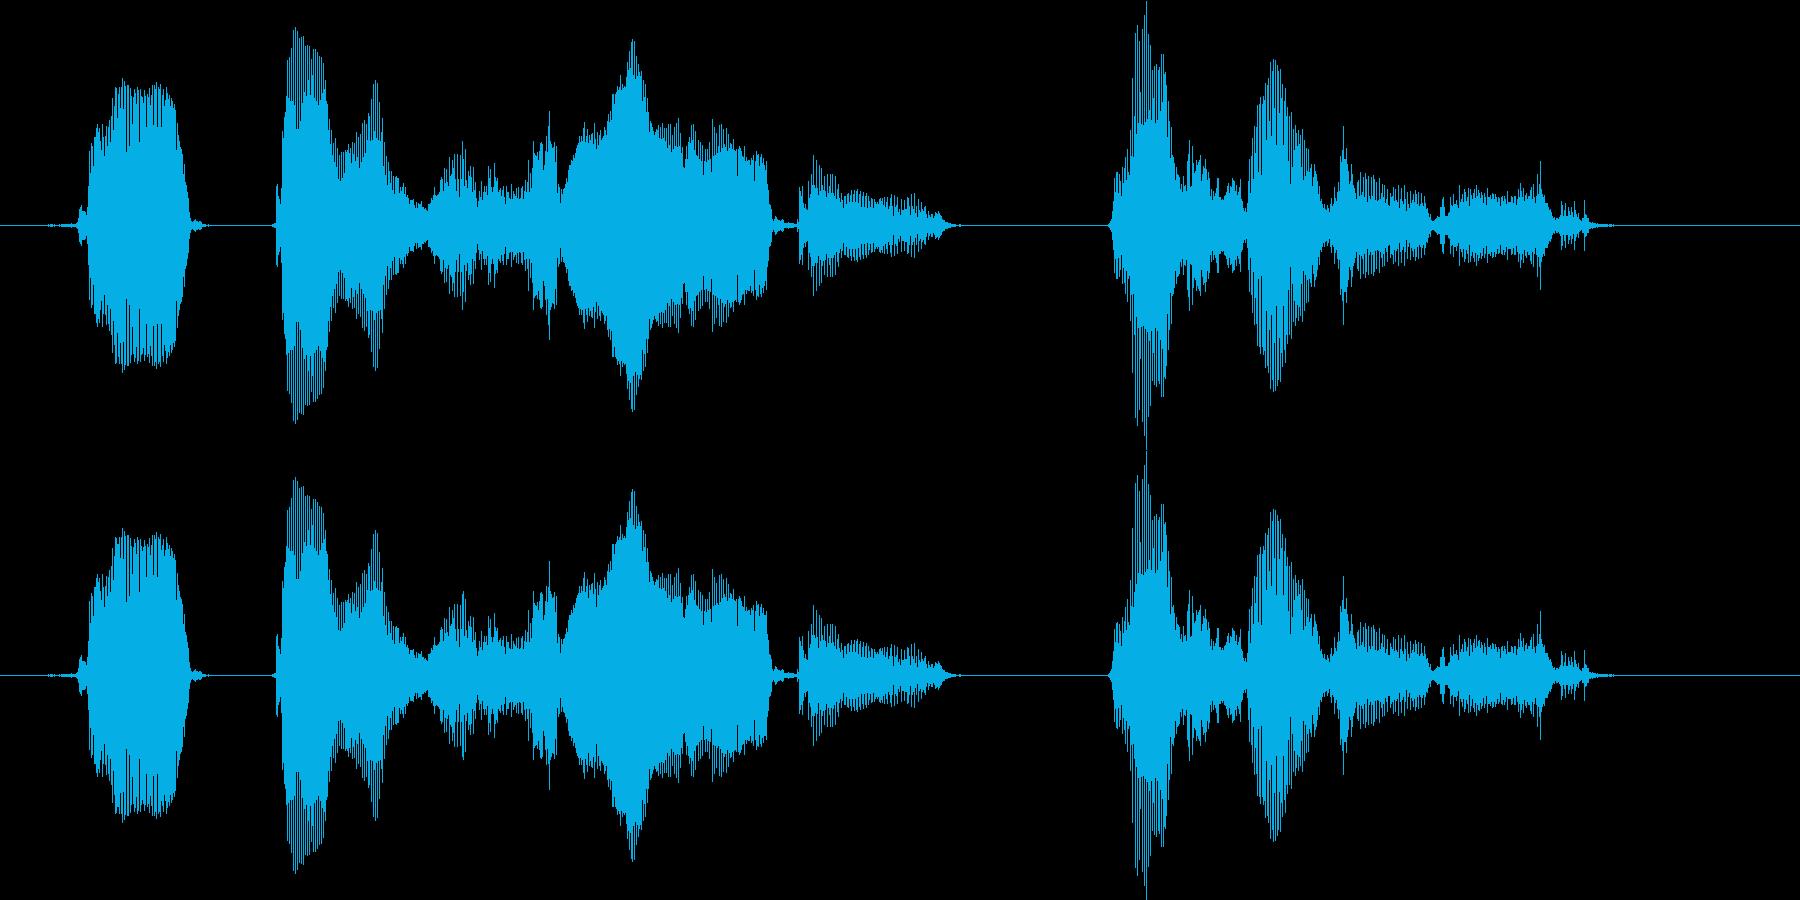 ピーっという発信音のあとに、メッセージ…の再生済みの波形